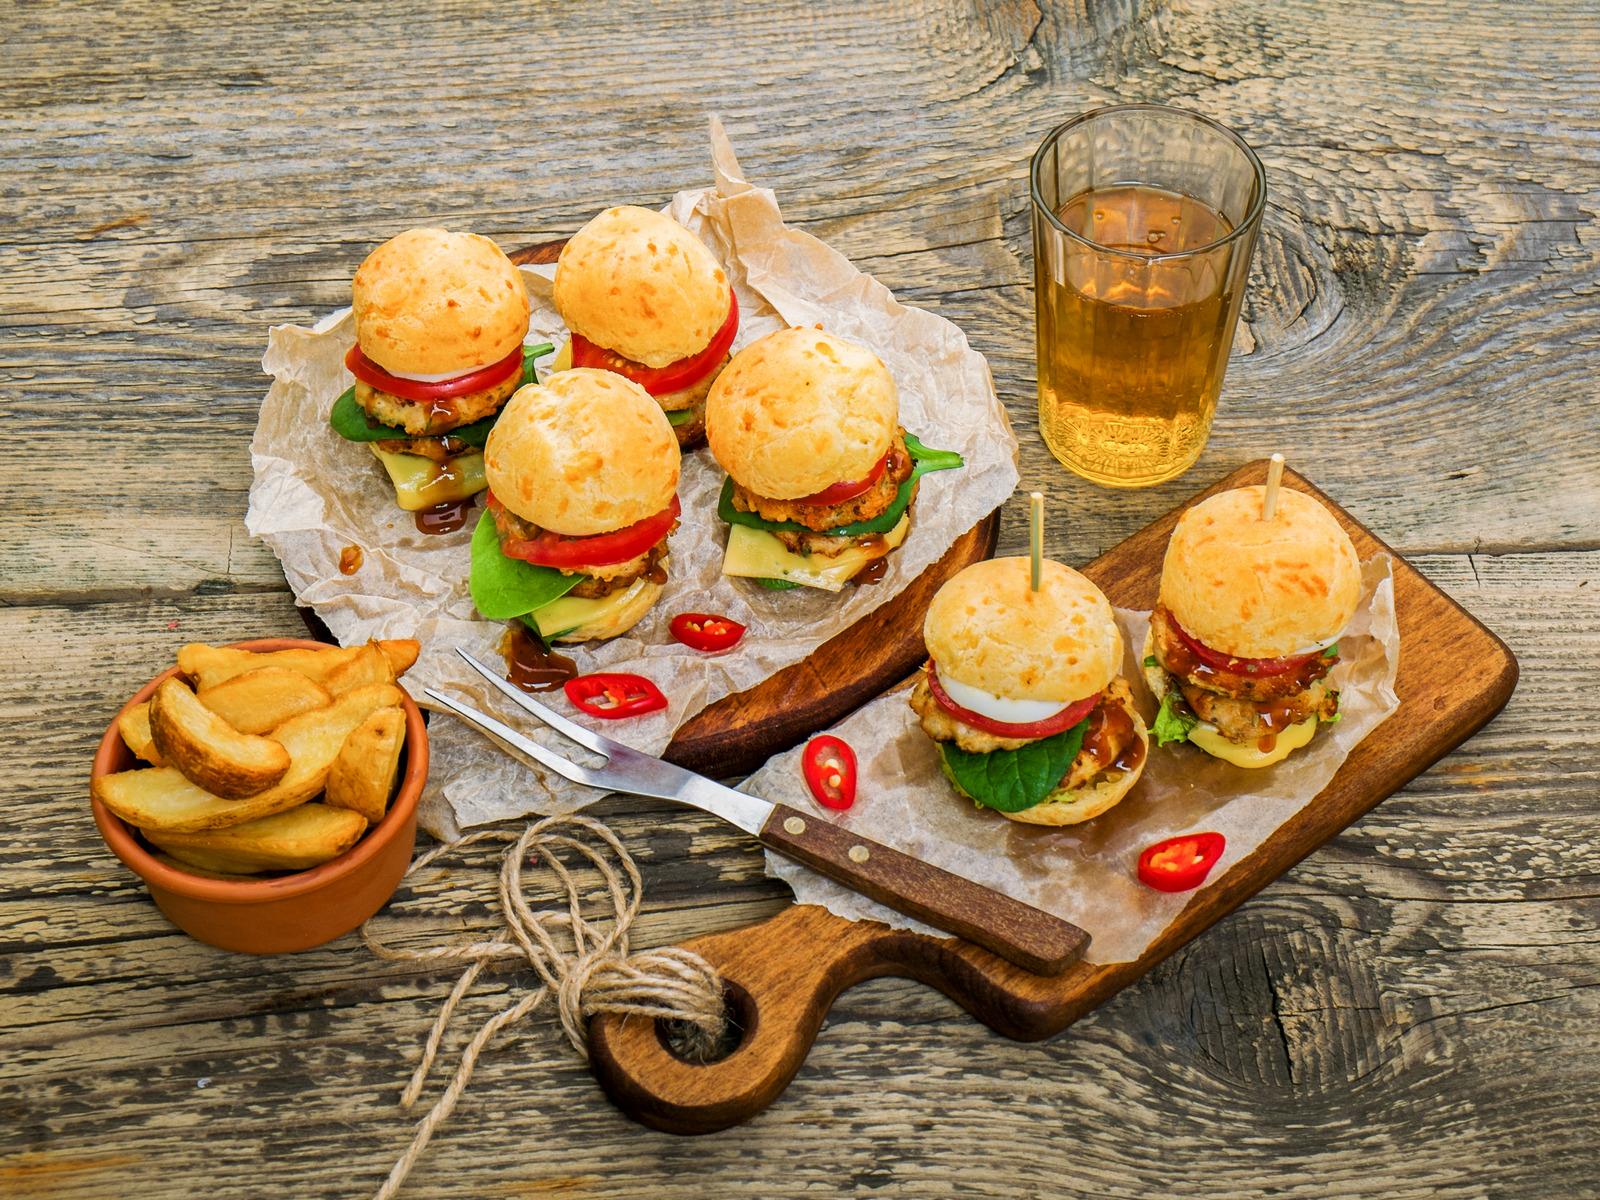 Moo Moo Burgers & grill